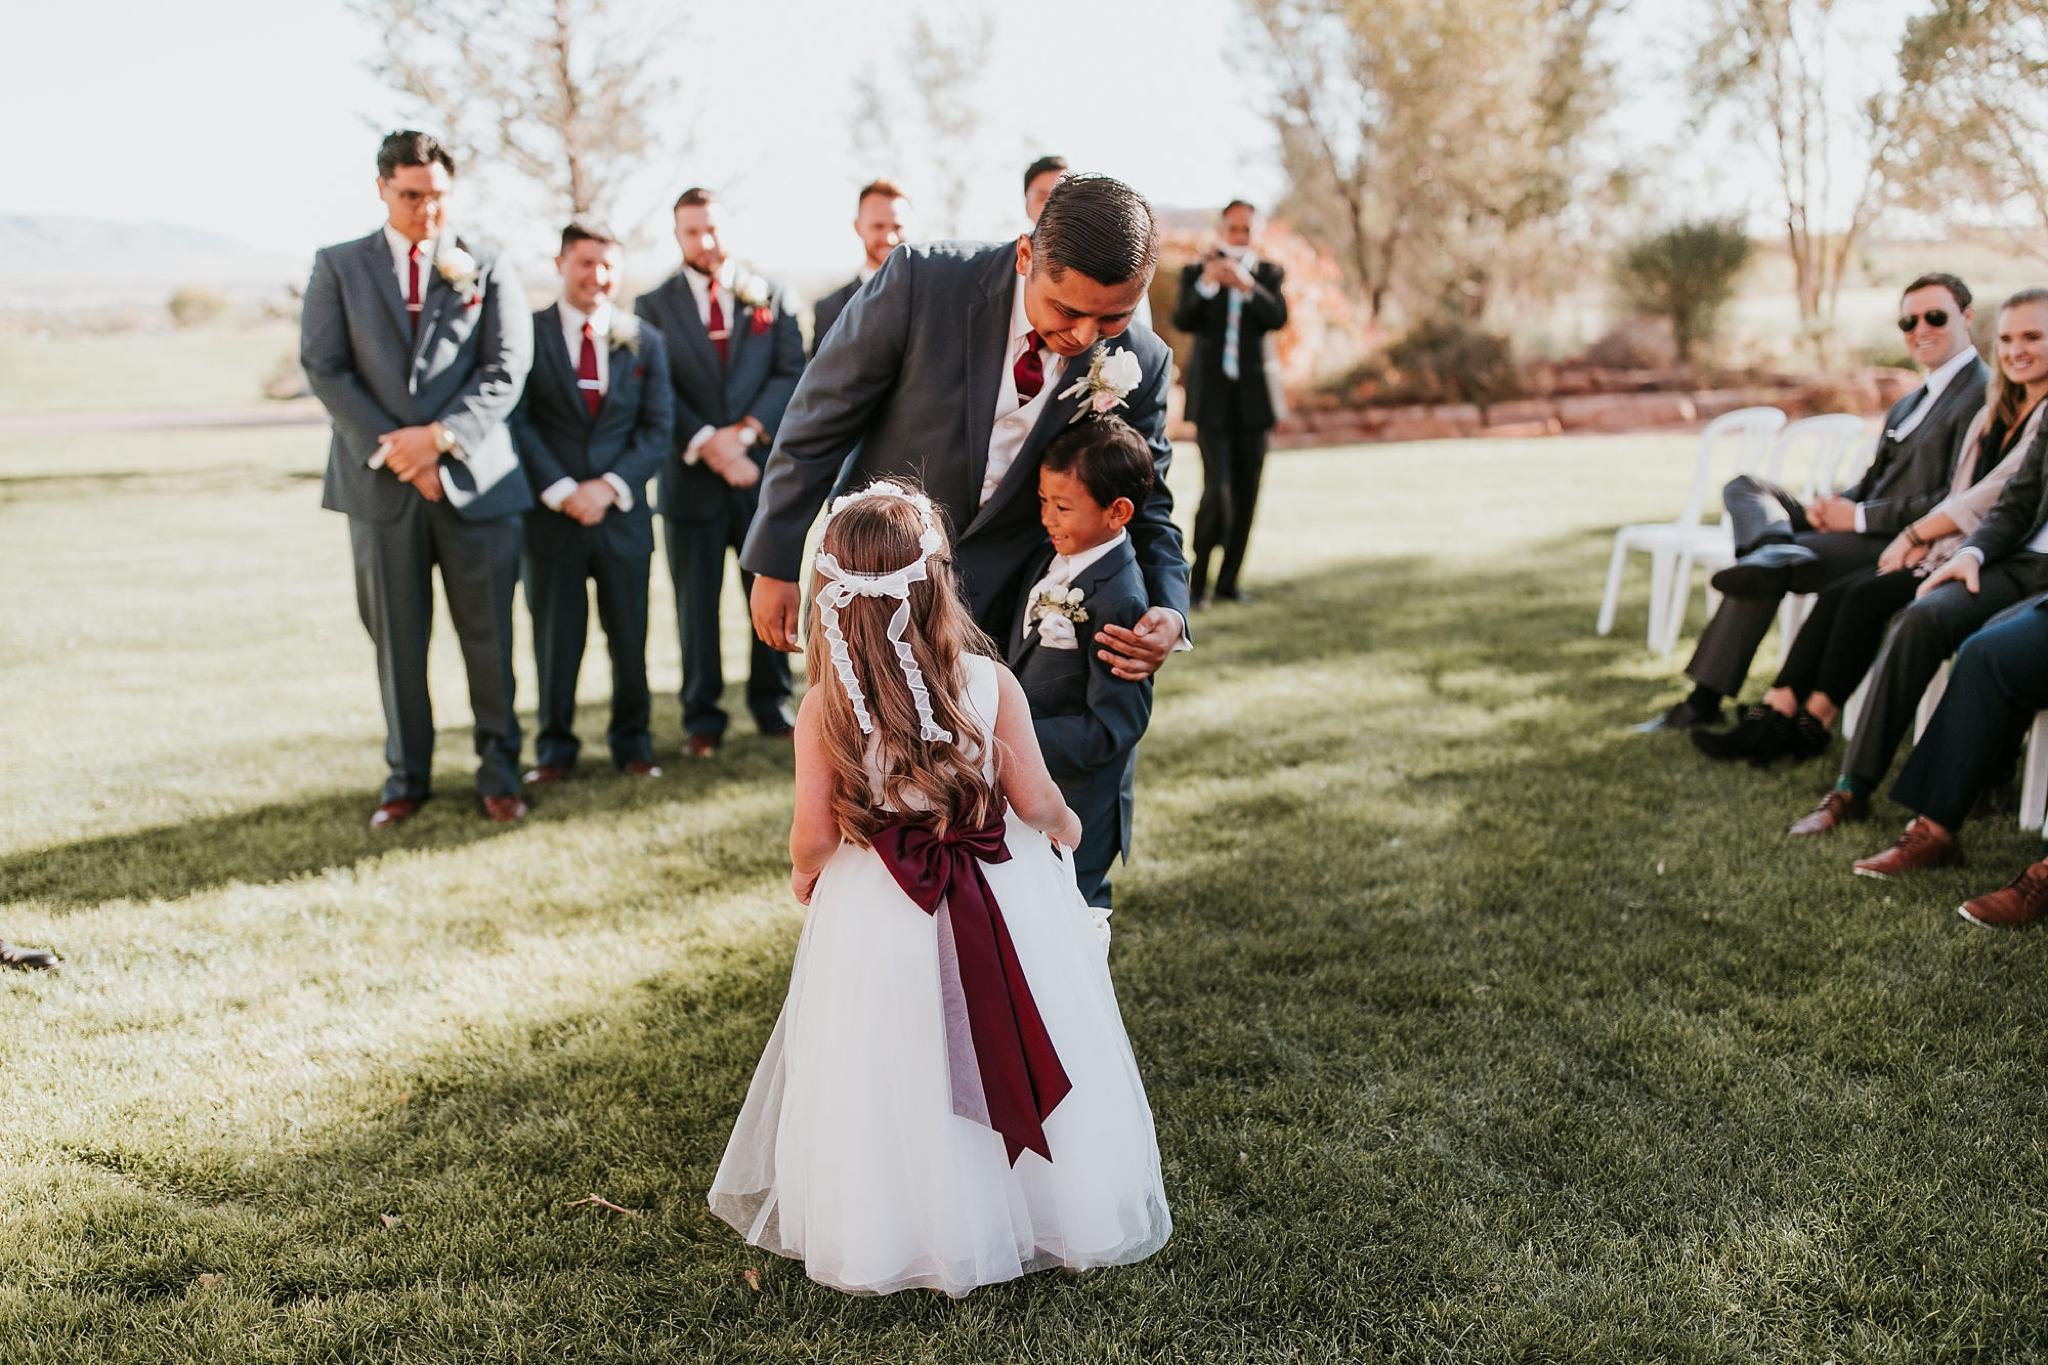 Alicia+lucia+photography+-+albuquerque+wedding+photographer+-+santa+fe+wedding+photography+-+new+mexico+wedding+photographer+-+new+mexico+wedding+-+flower+girl+-+wedding+flower+girl_0029.jpg